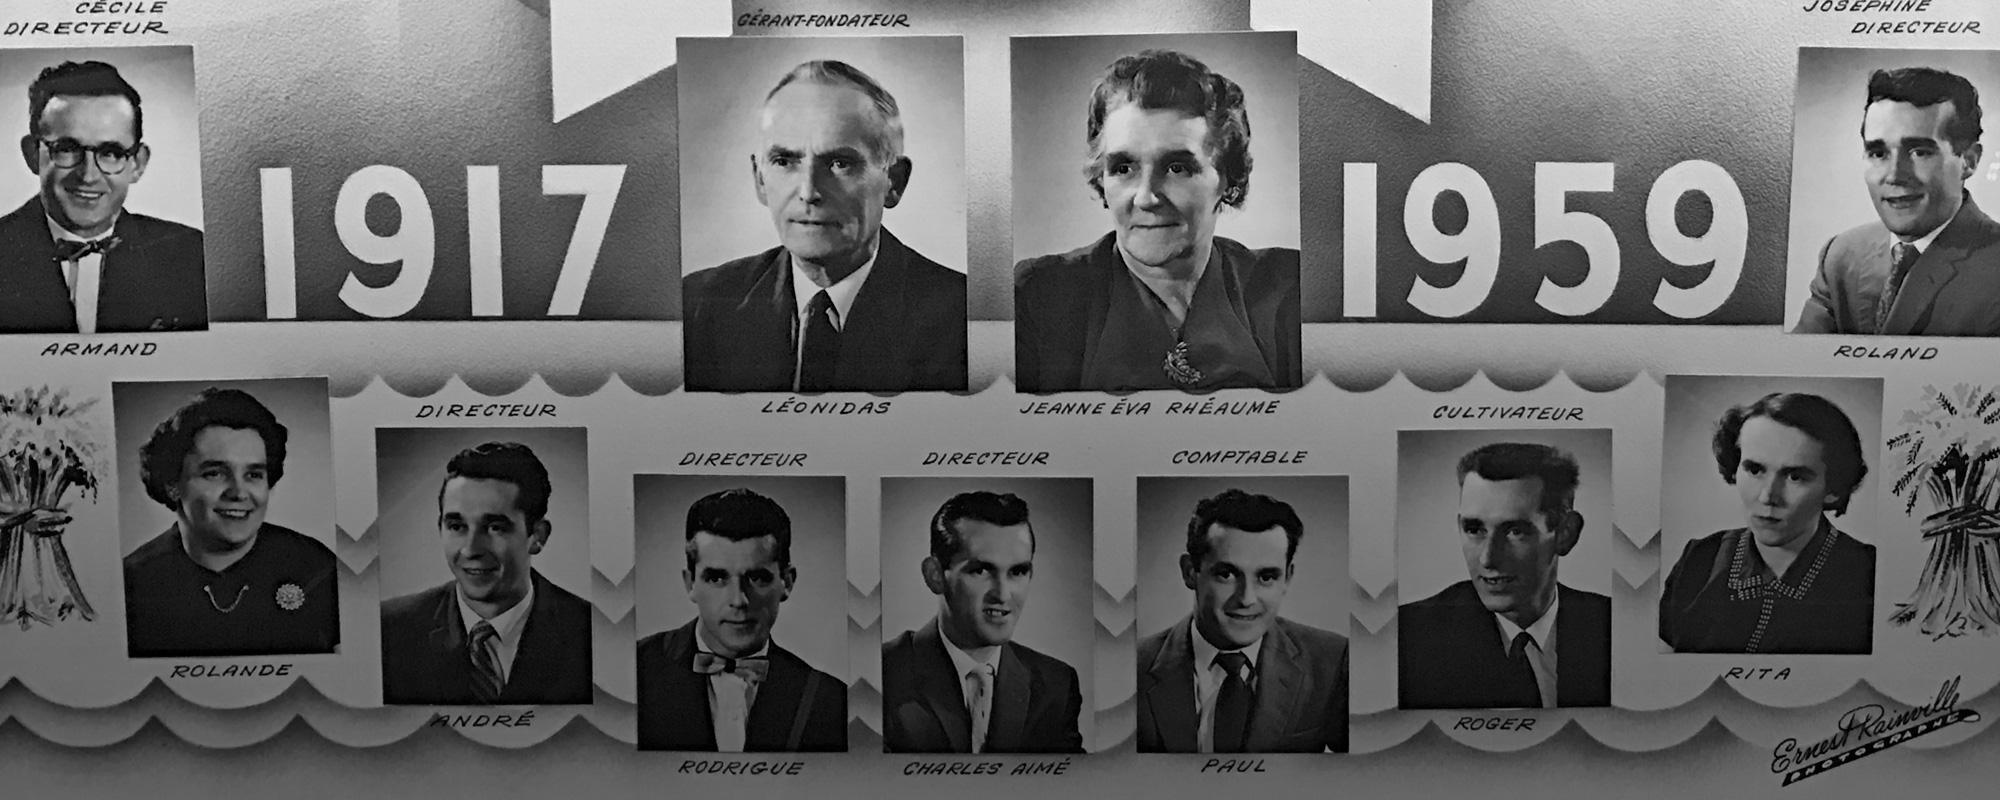 Giguère Portes et Fenêtres : une entreprise familiale